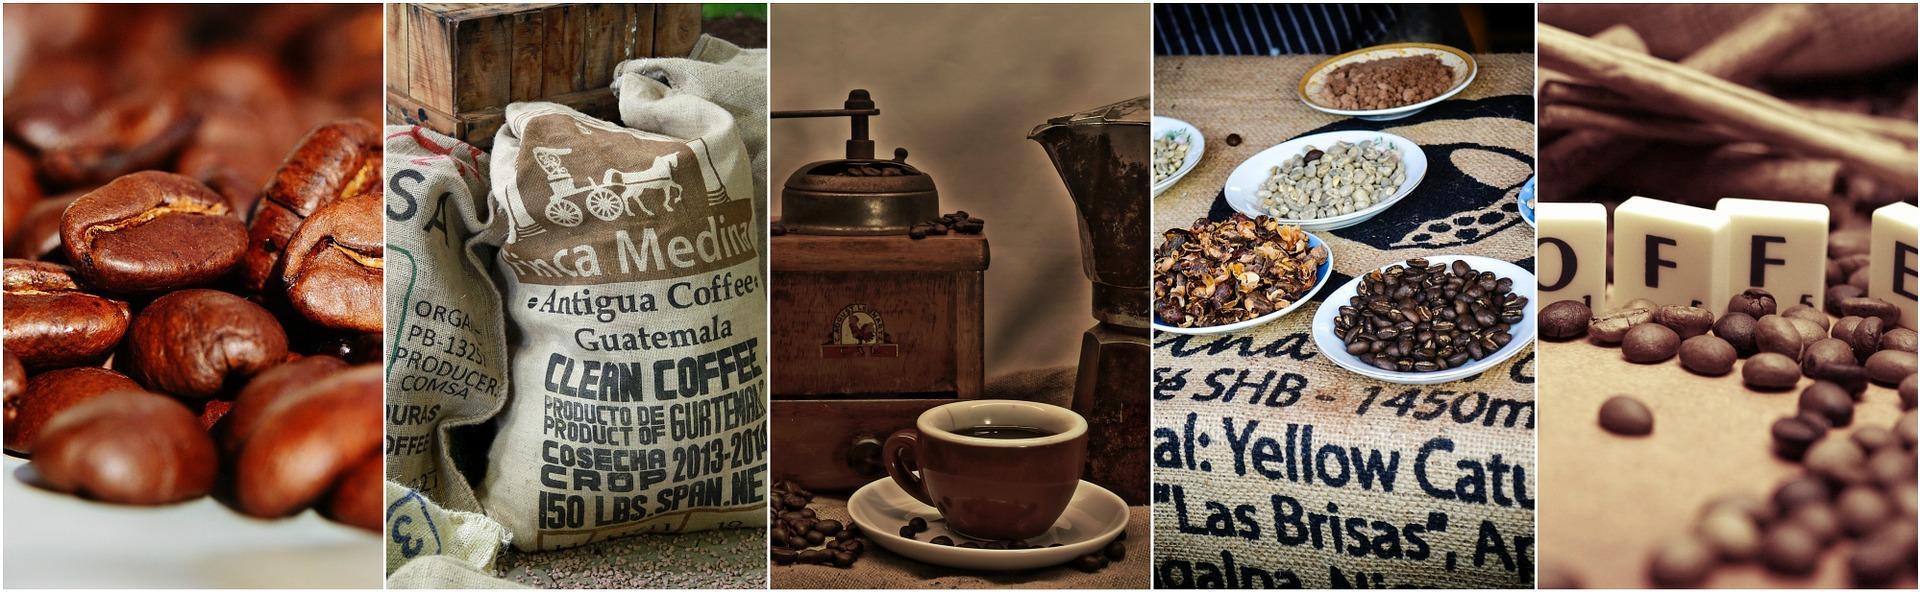 coffee-1491100_1920-1